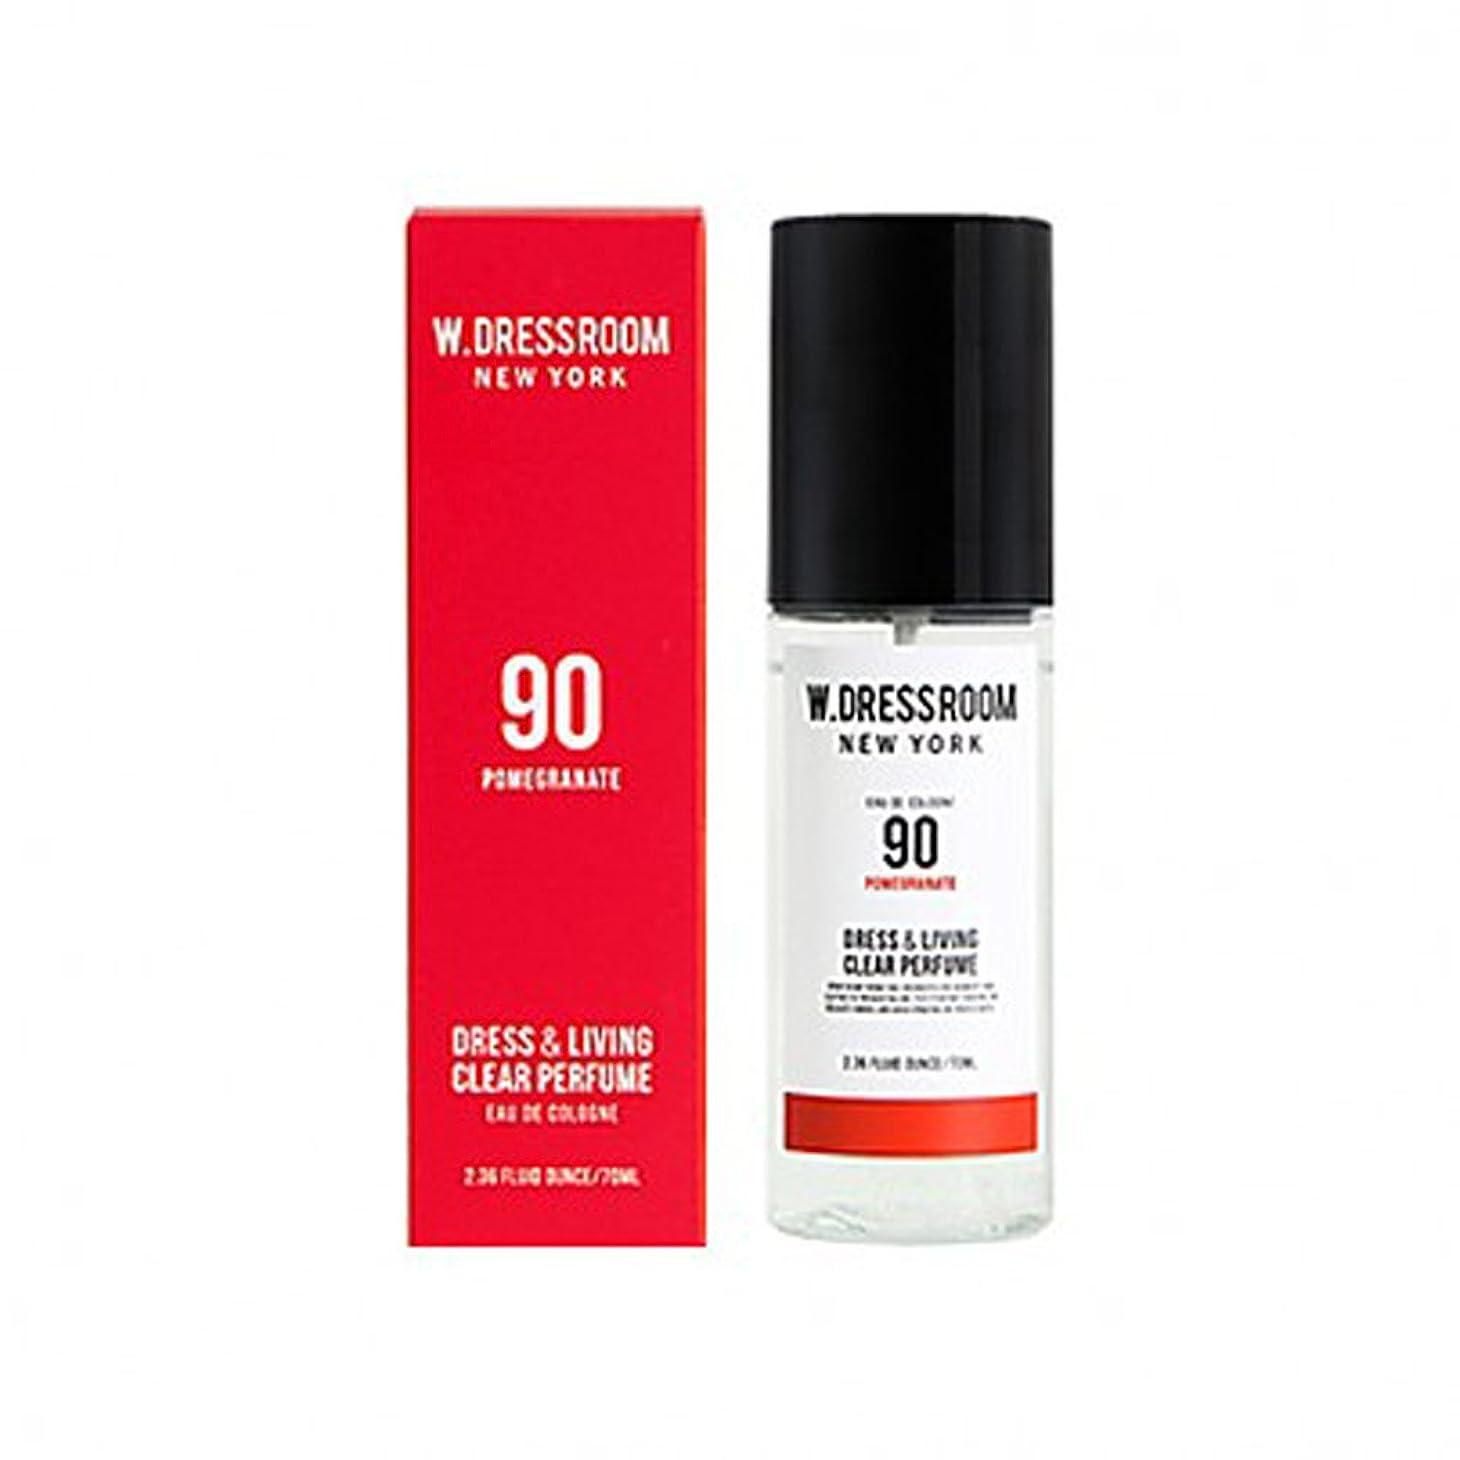 切る手足系統的W.DRESSROOM Dress & Living Clear Perfume fragrance 70ml (#No.90 Pomegranate)/ダブルドレスルーム ドレス&リビング クリア パフューム 70ml (#No.90 Pomegranate)